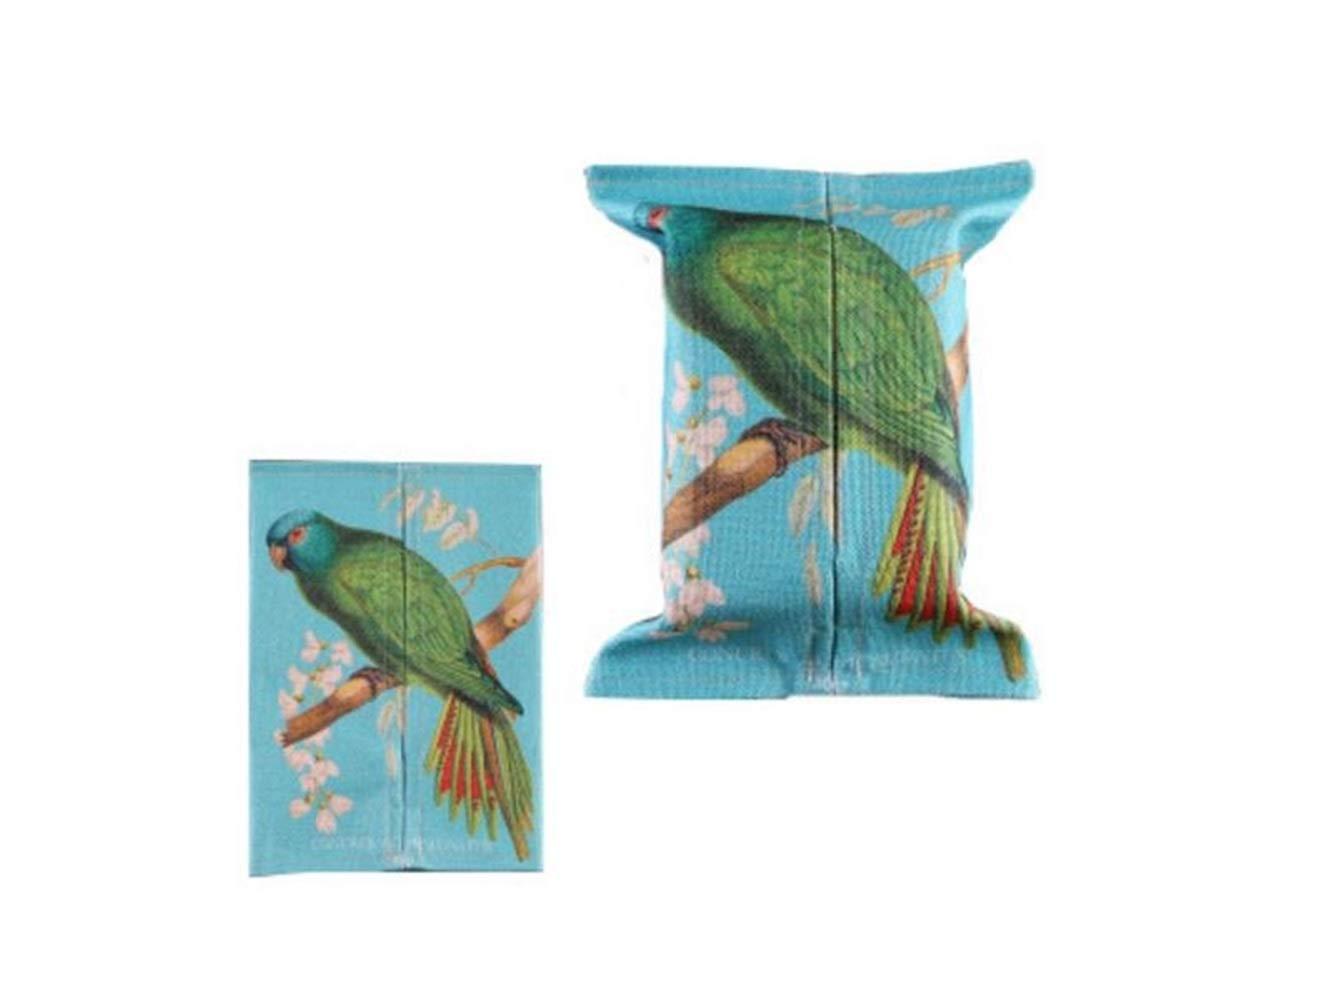 AILIN1 Tissue Box für Heimtextilien Niedliche Vogel Muster Baumwolle Leinen Tissue Box Paper Pumping Box für Home blau Utility